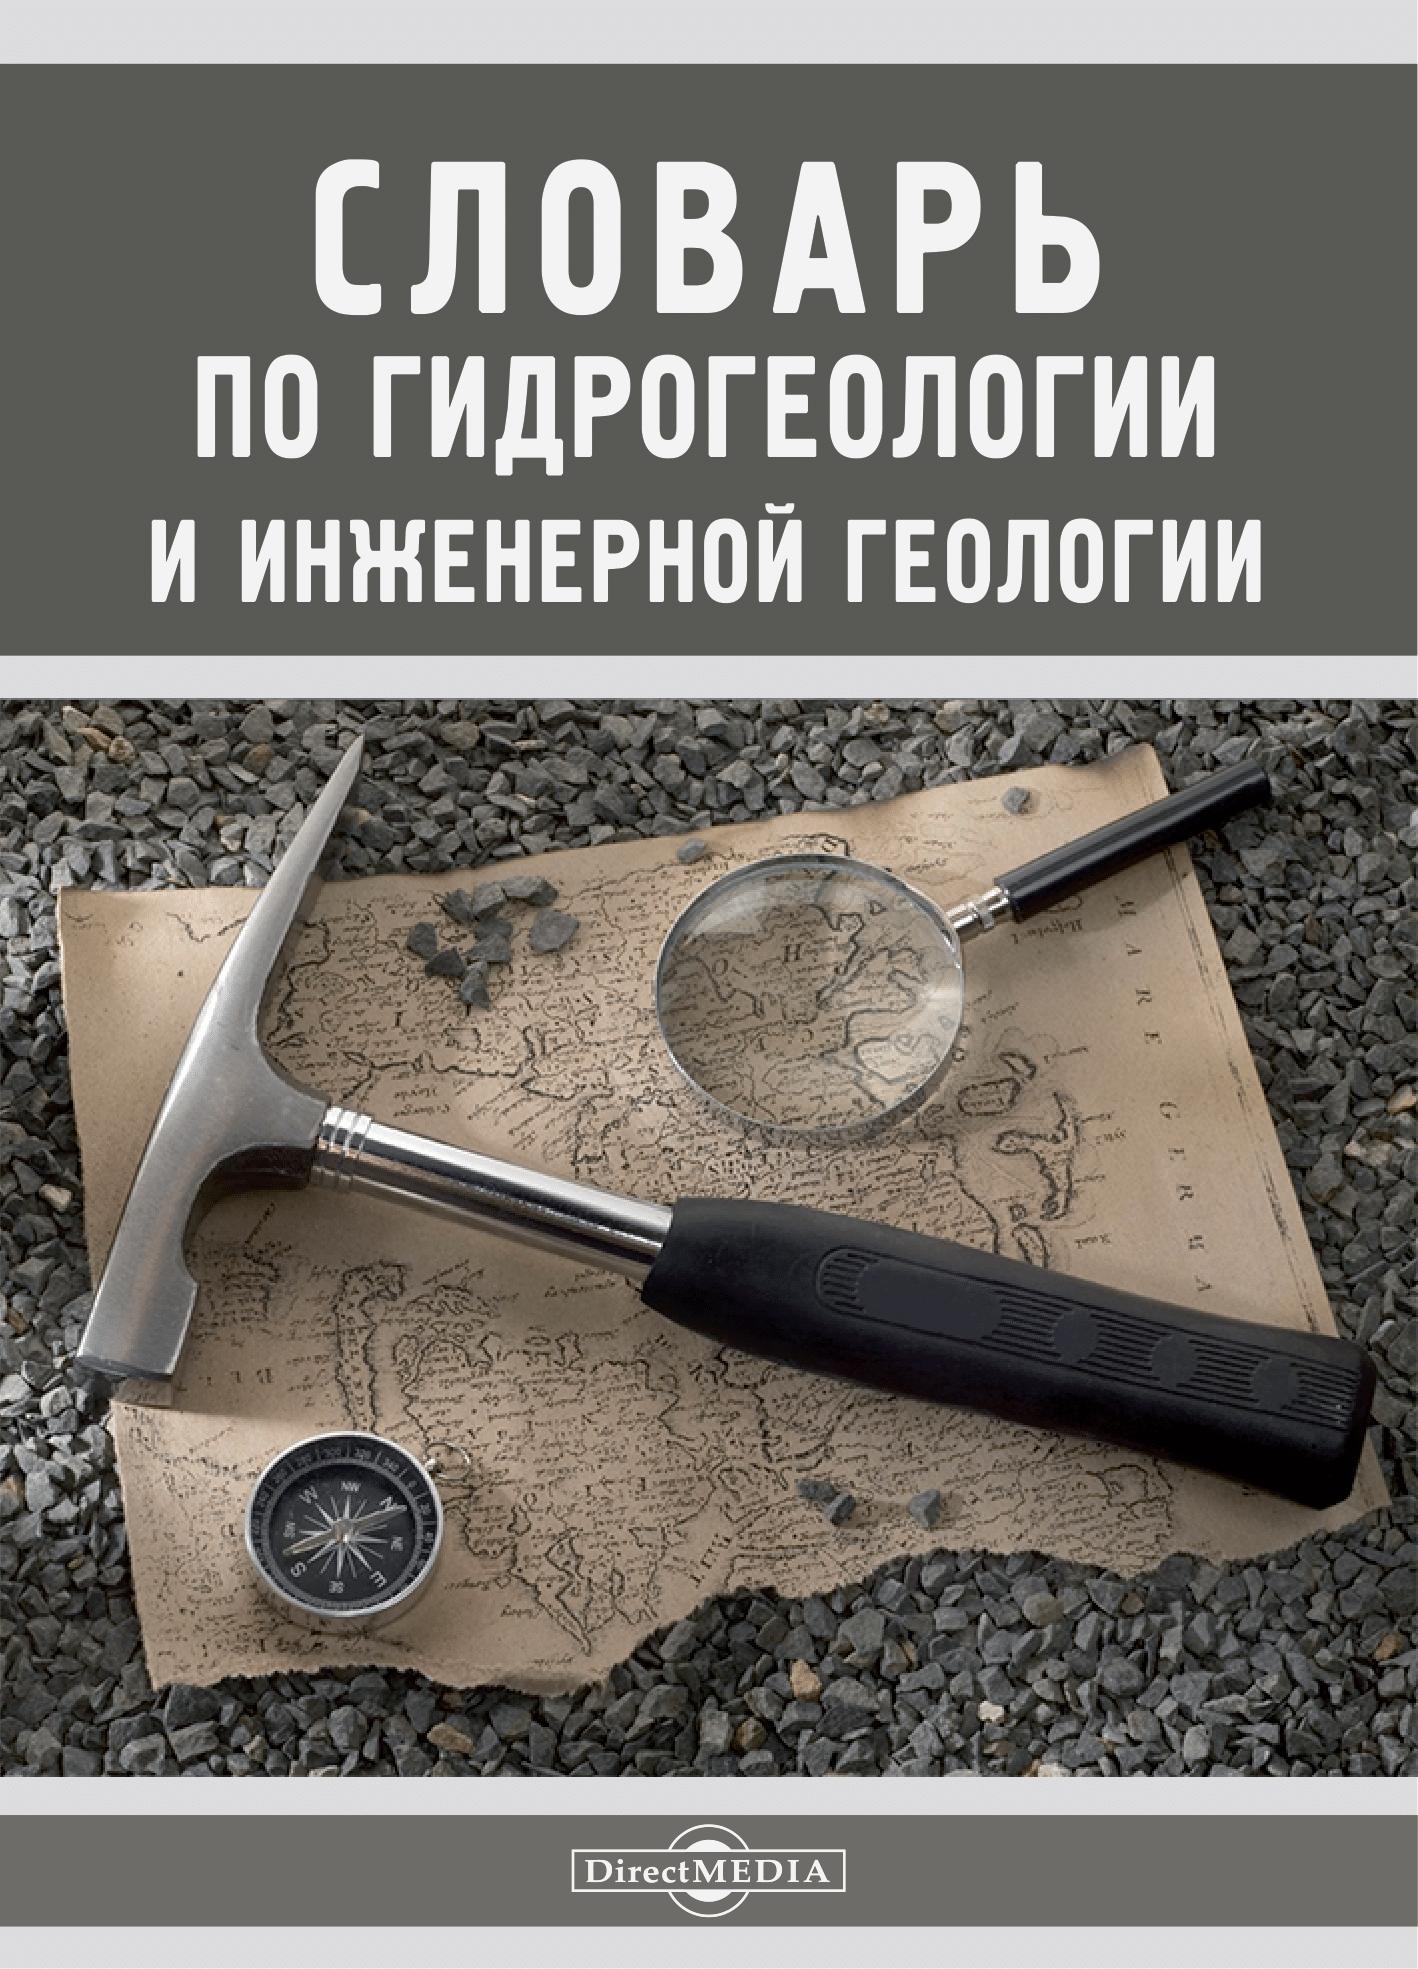 КОЭФФИЦИЕНТ МЕТАМОРФИЗАЦИИ РАССОЛОВ